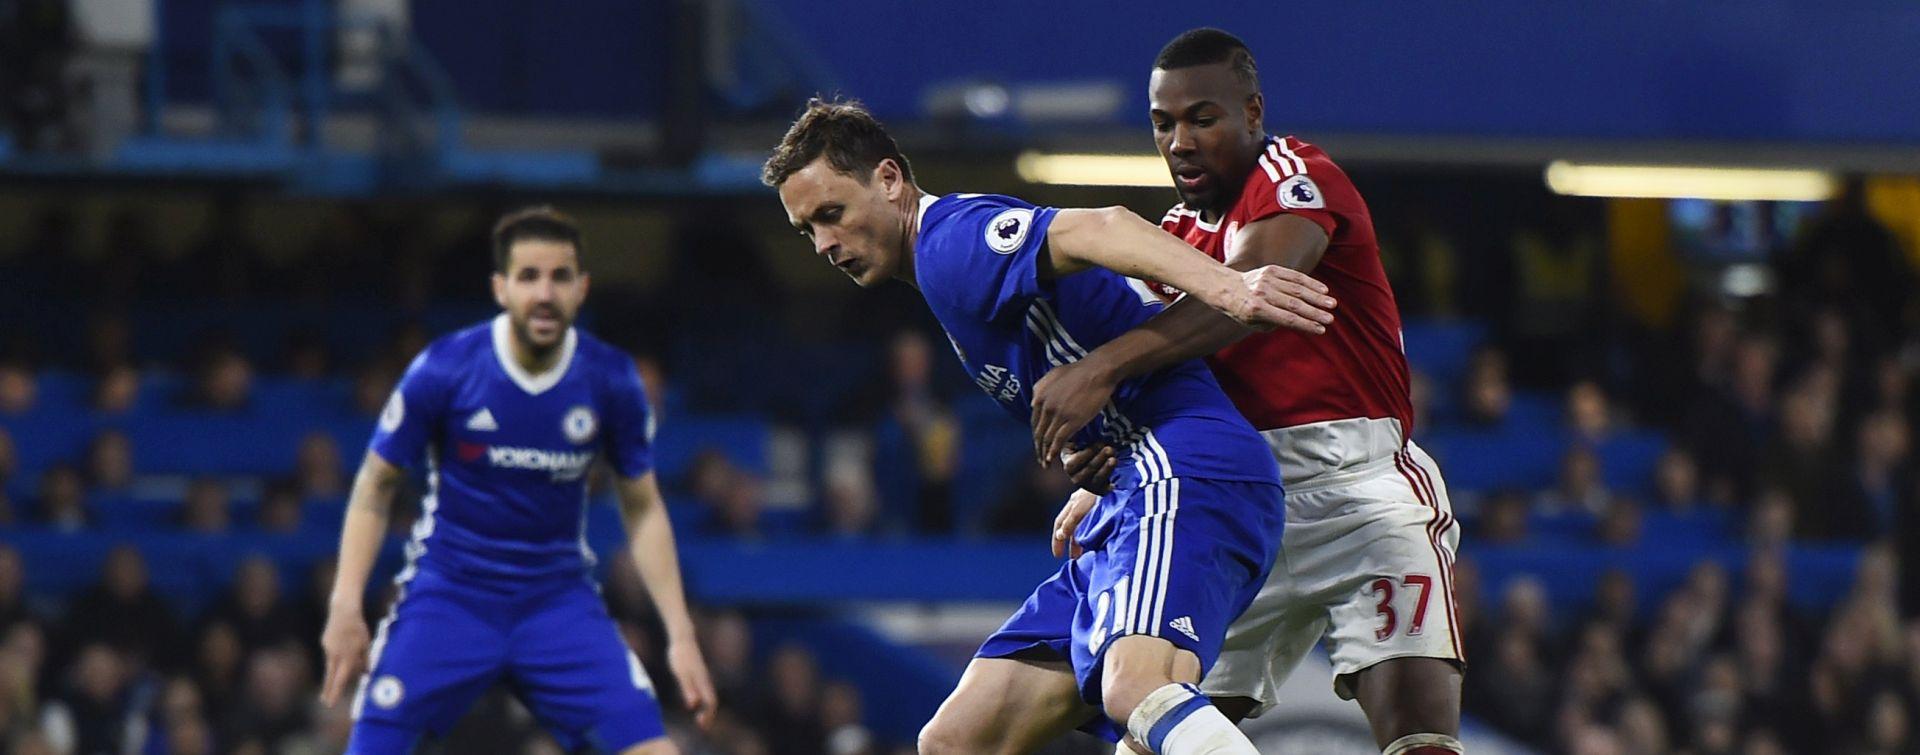 TRI BODA DO NASLOVA Chelsea izbacio Middlesbrough iz Premierlige